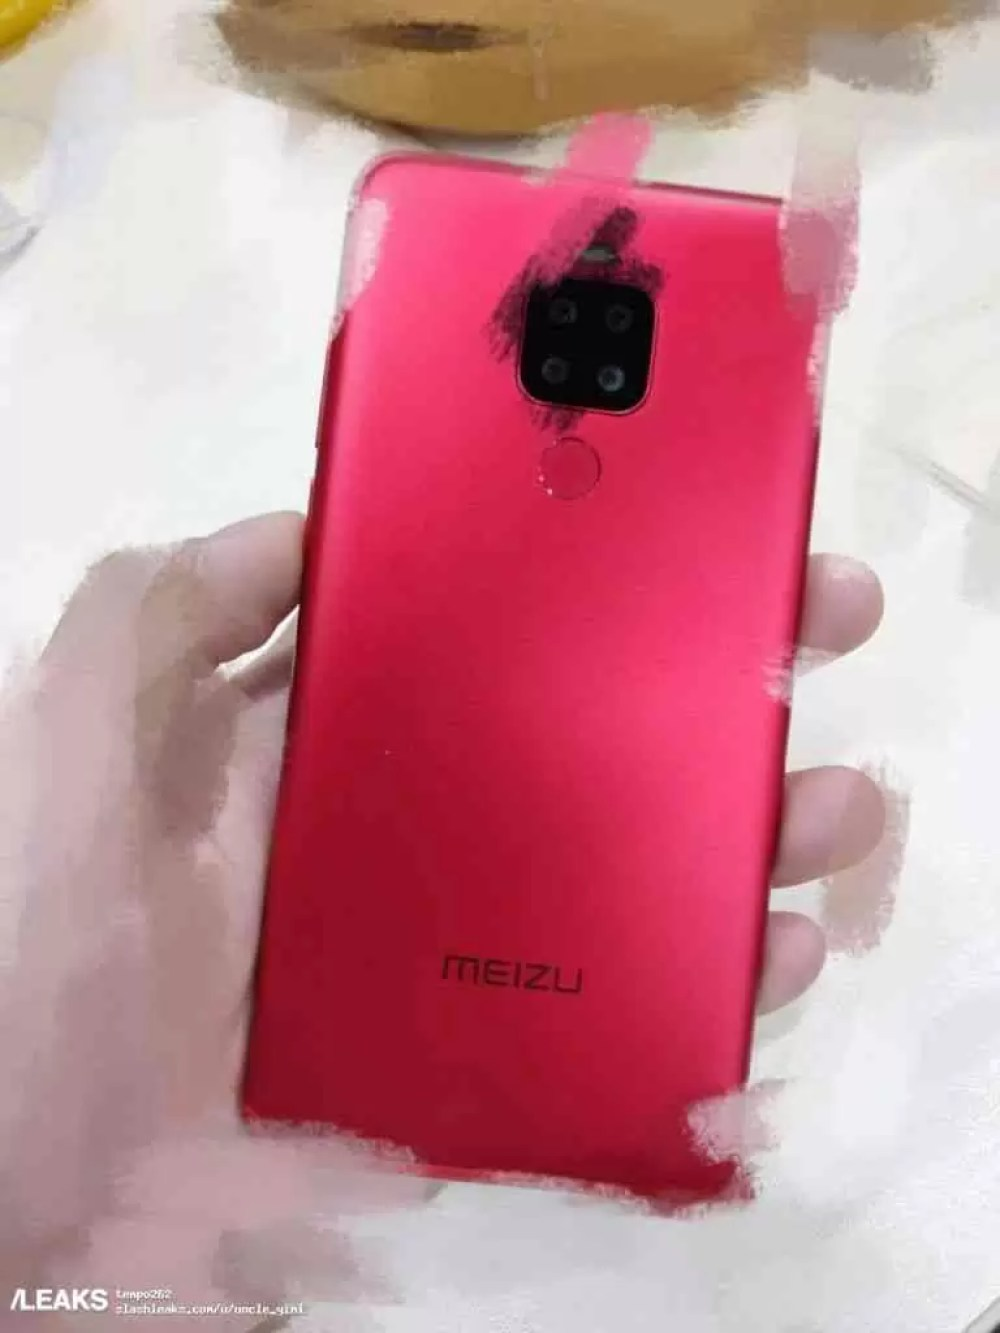 Meizu Note 8 Plus revelado em foto com quatro câmaras traseiras 1